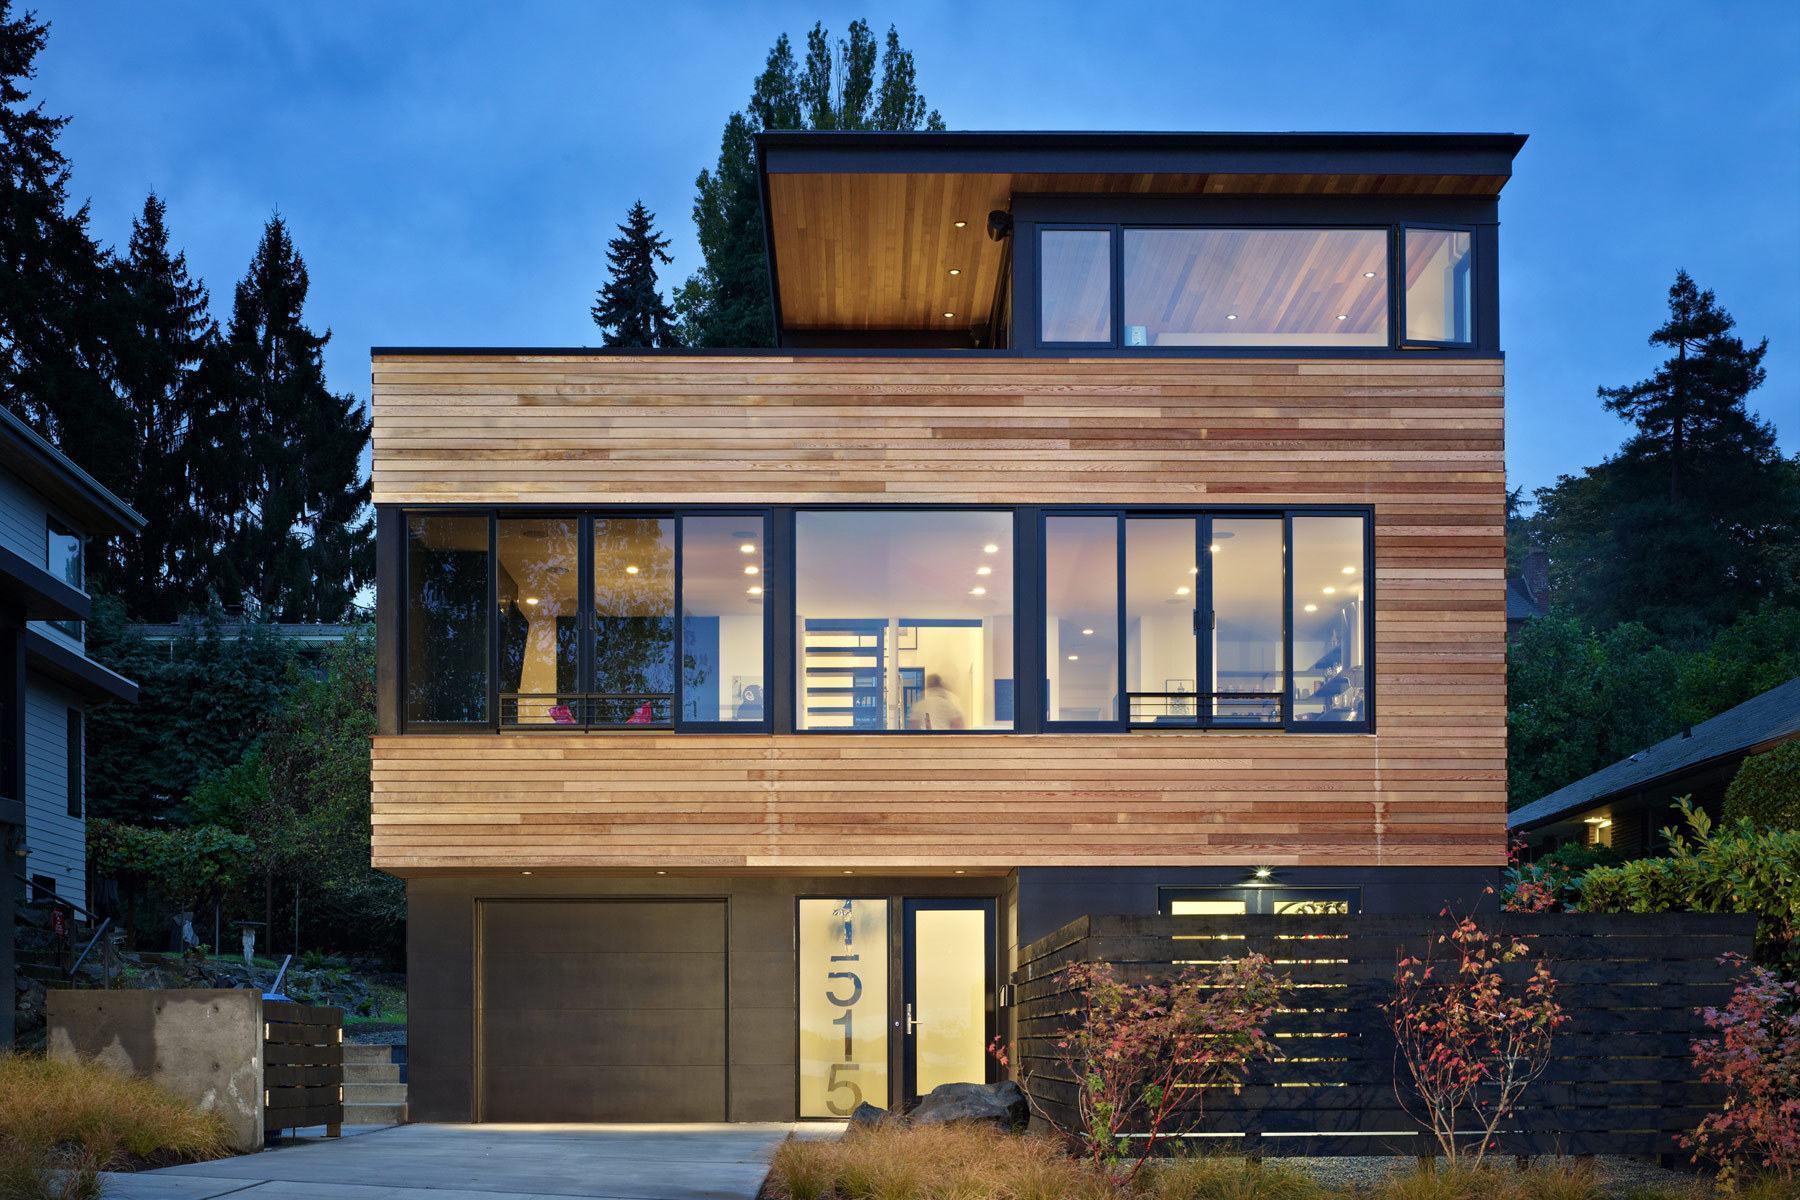 Casa de madeira com frisos